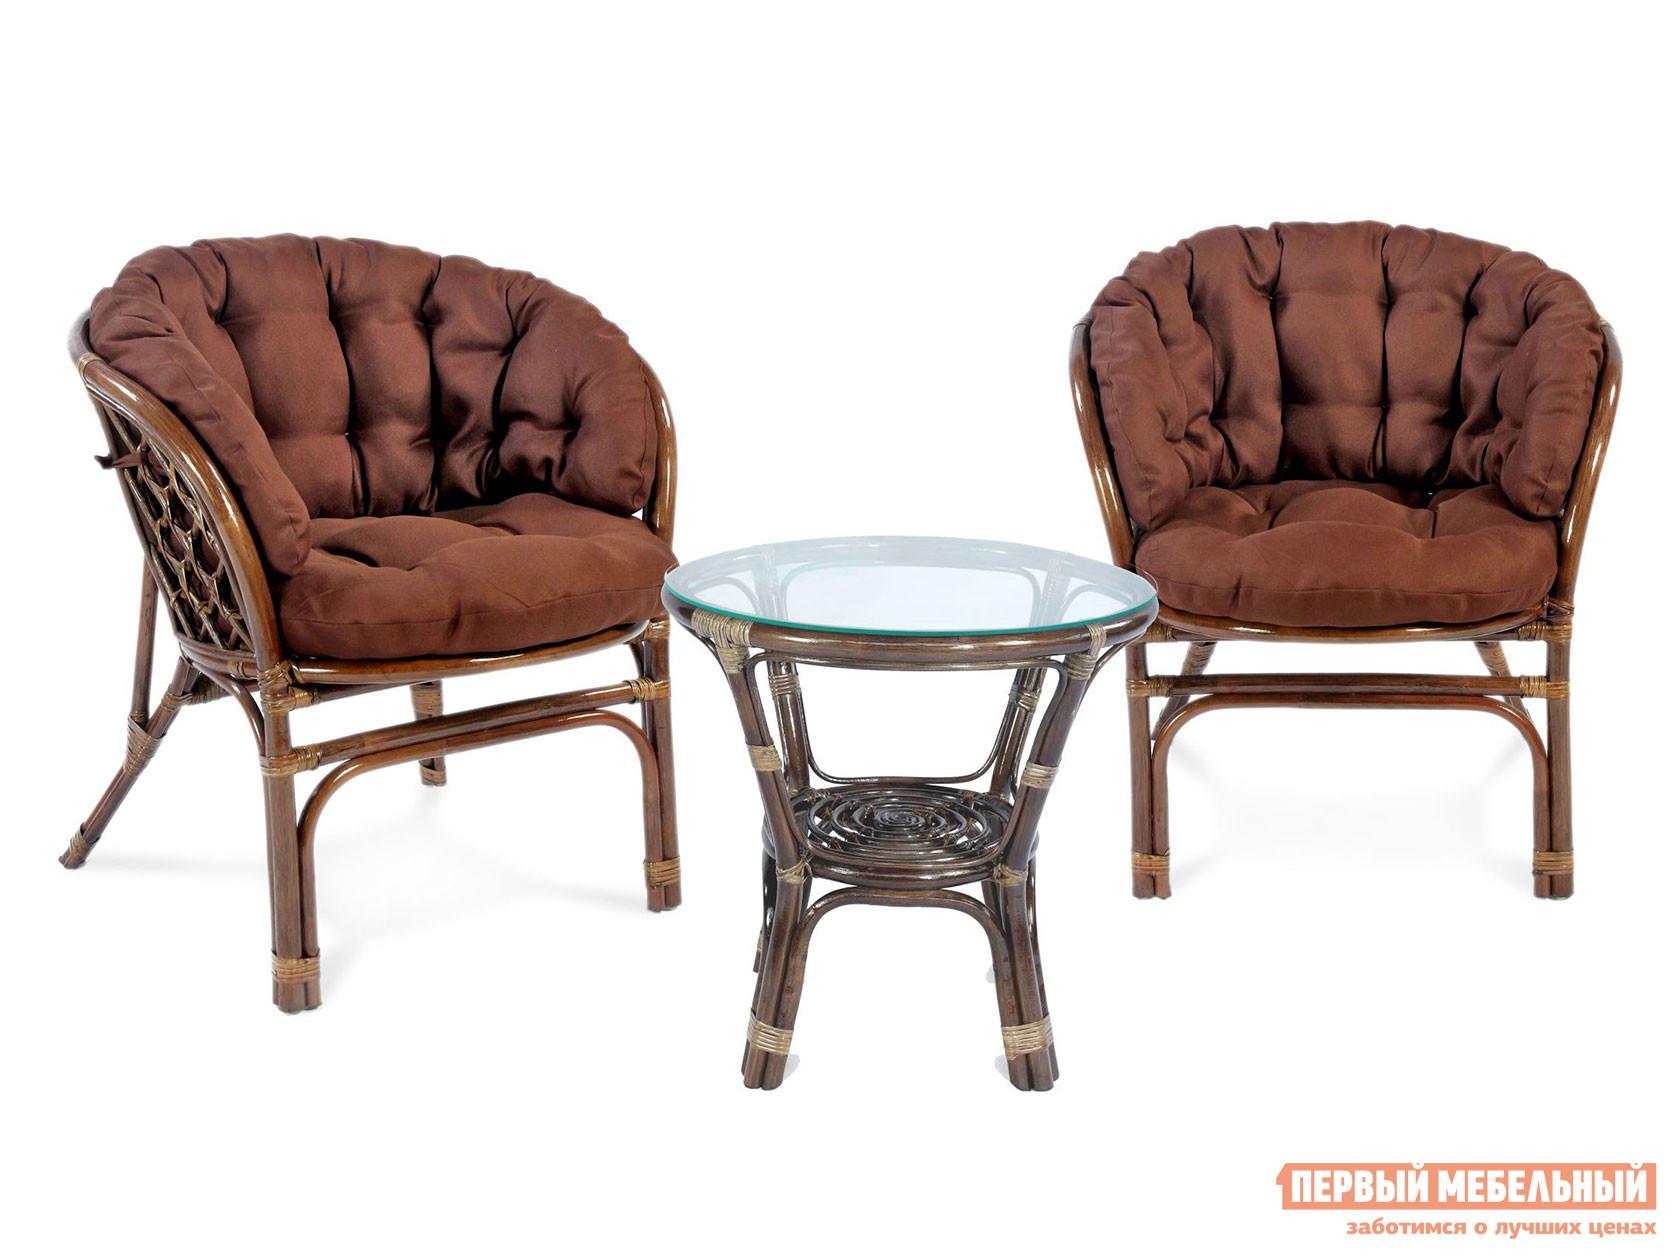 Комплект плетеной мебели ЭкоДизайн Комплект кофейный БАГАМА S, арт. 03/10 Б (S)-1 комплект плетеной мебели экодизайн пеланги 02 15 1